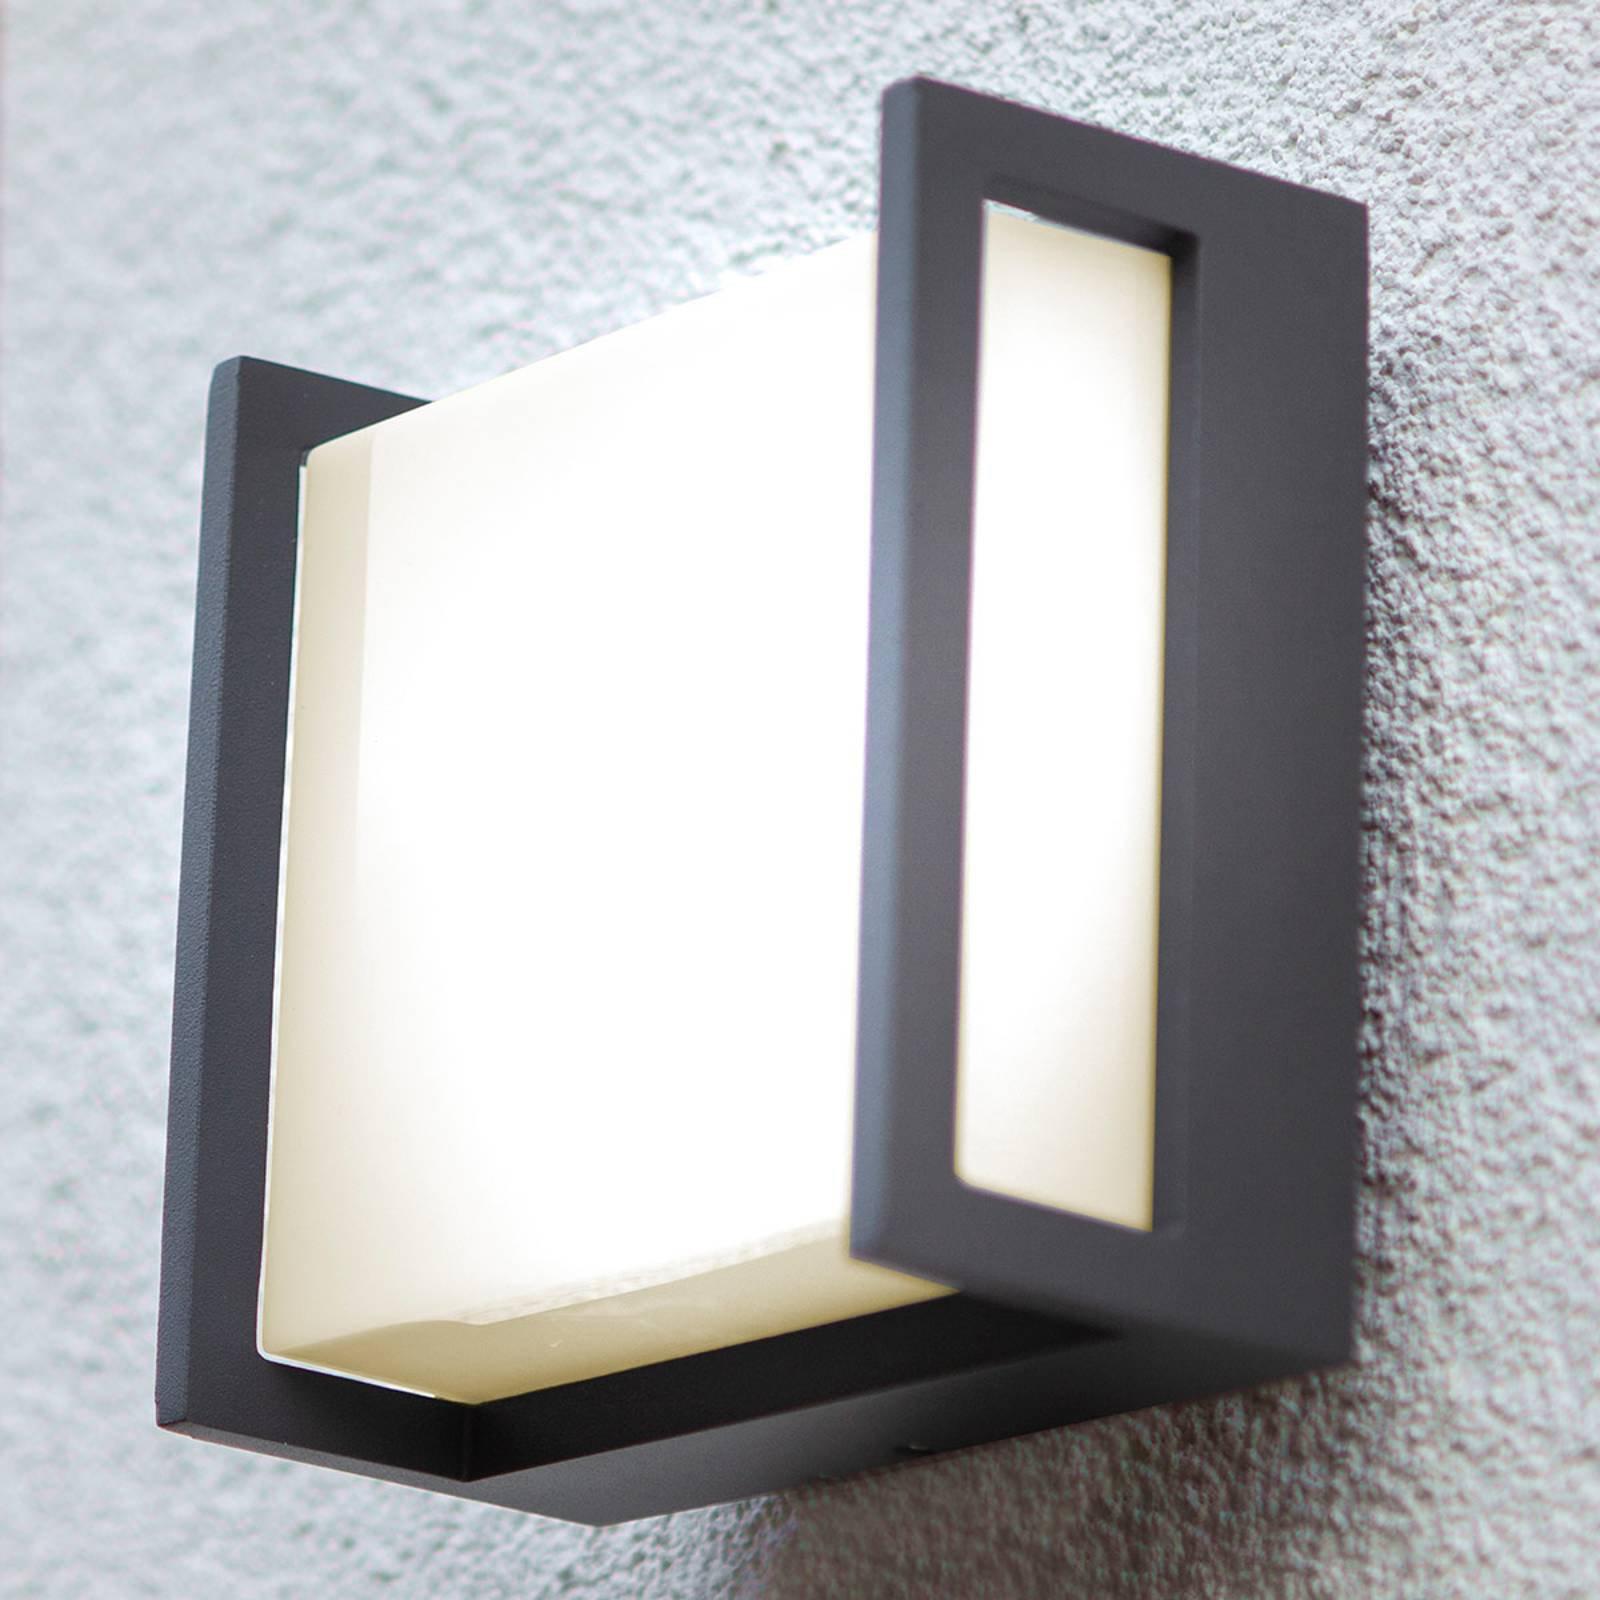 Utendørs LED-vegglampe Qubo, 14 cm x 14 cm